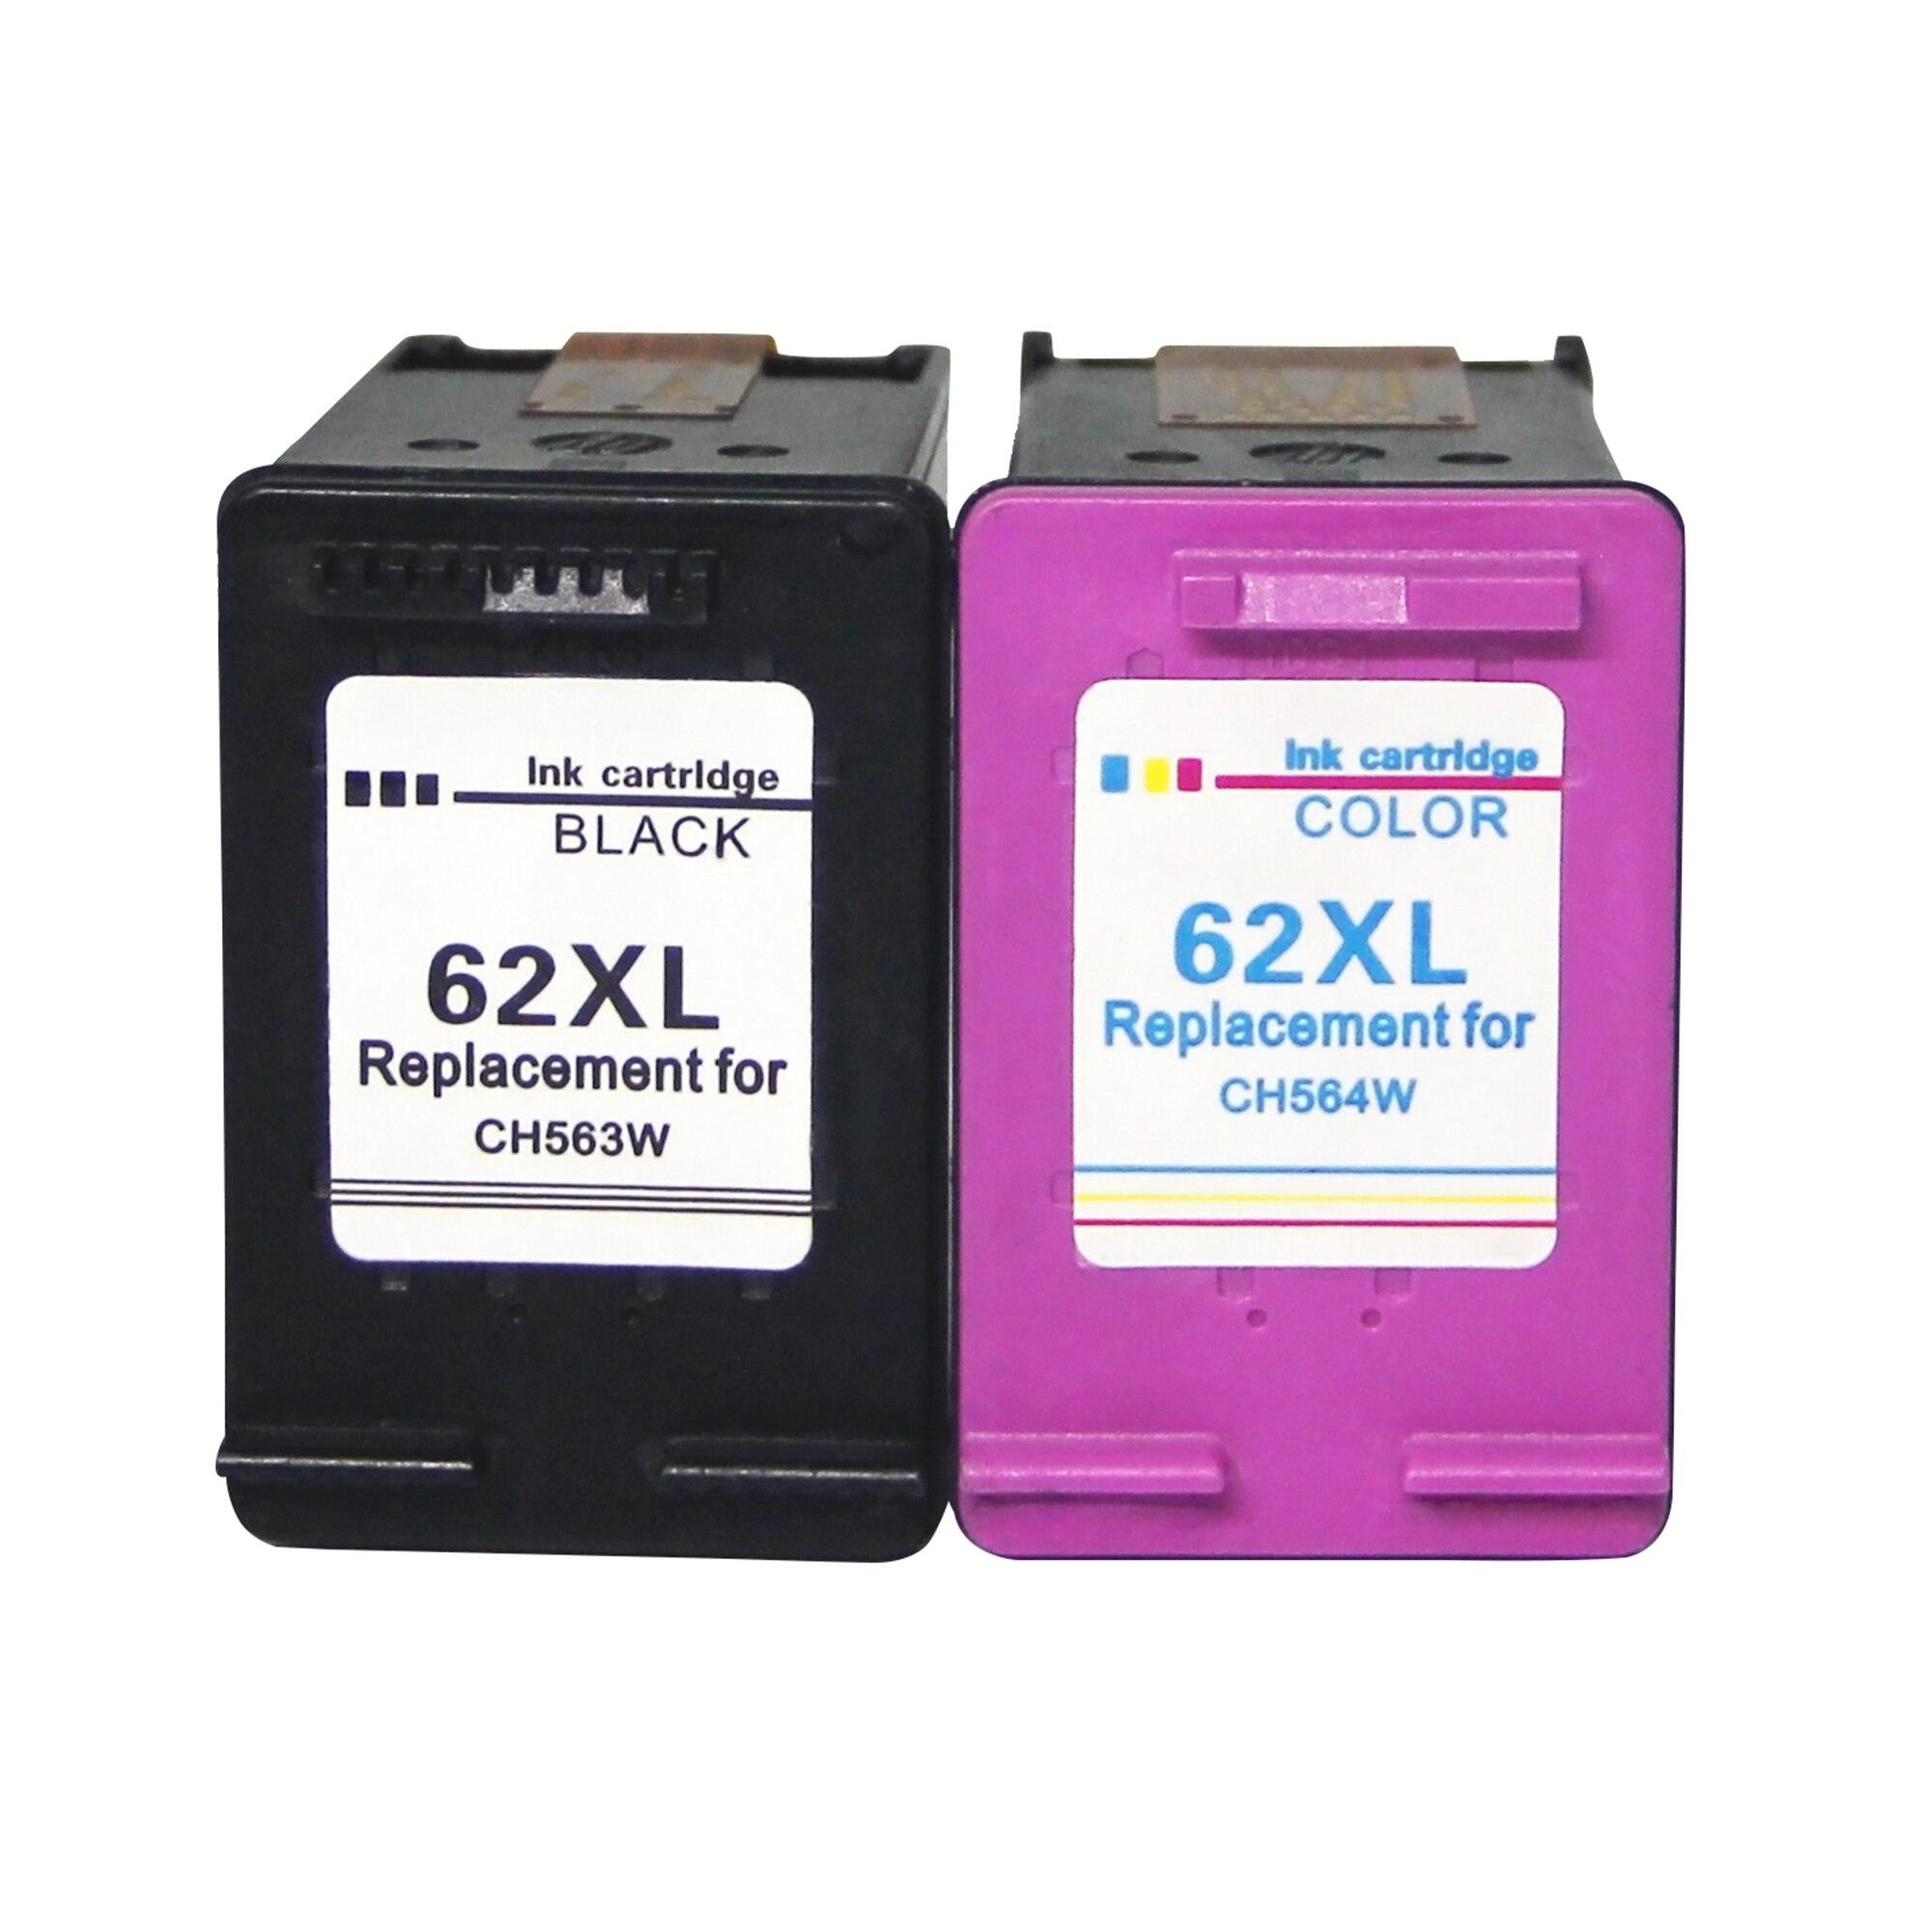 Замена для HP 62 XL чернильные картриджи для HP Envy 5640 5540 5546 5544 HP OfficeJet 5644 5742 200 250